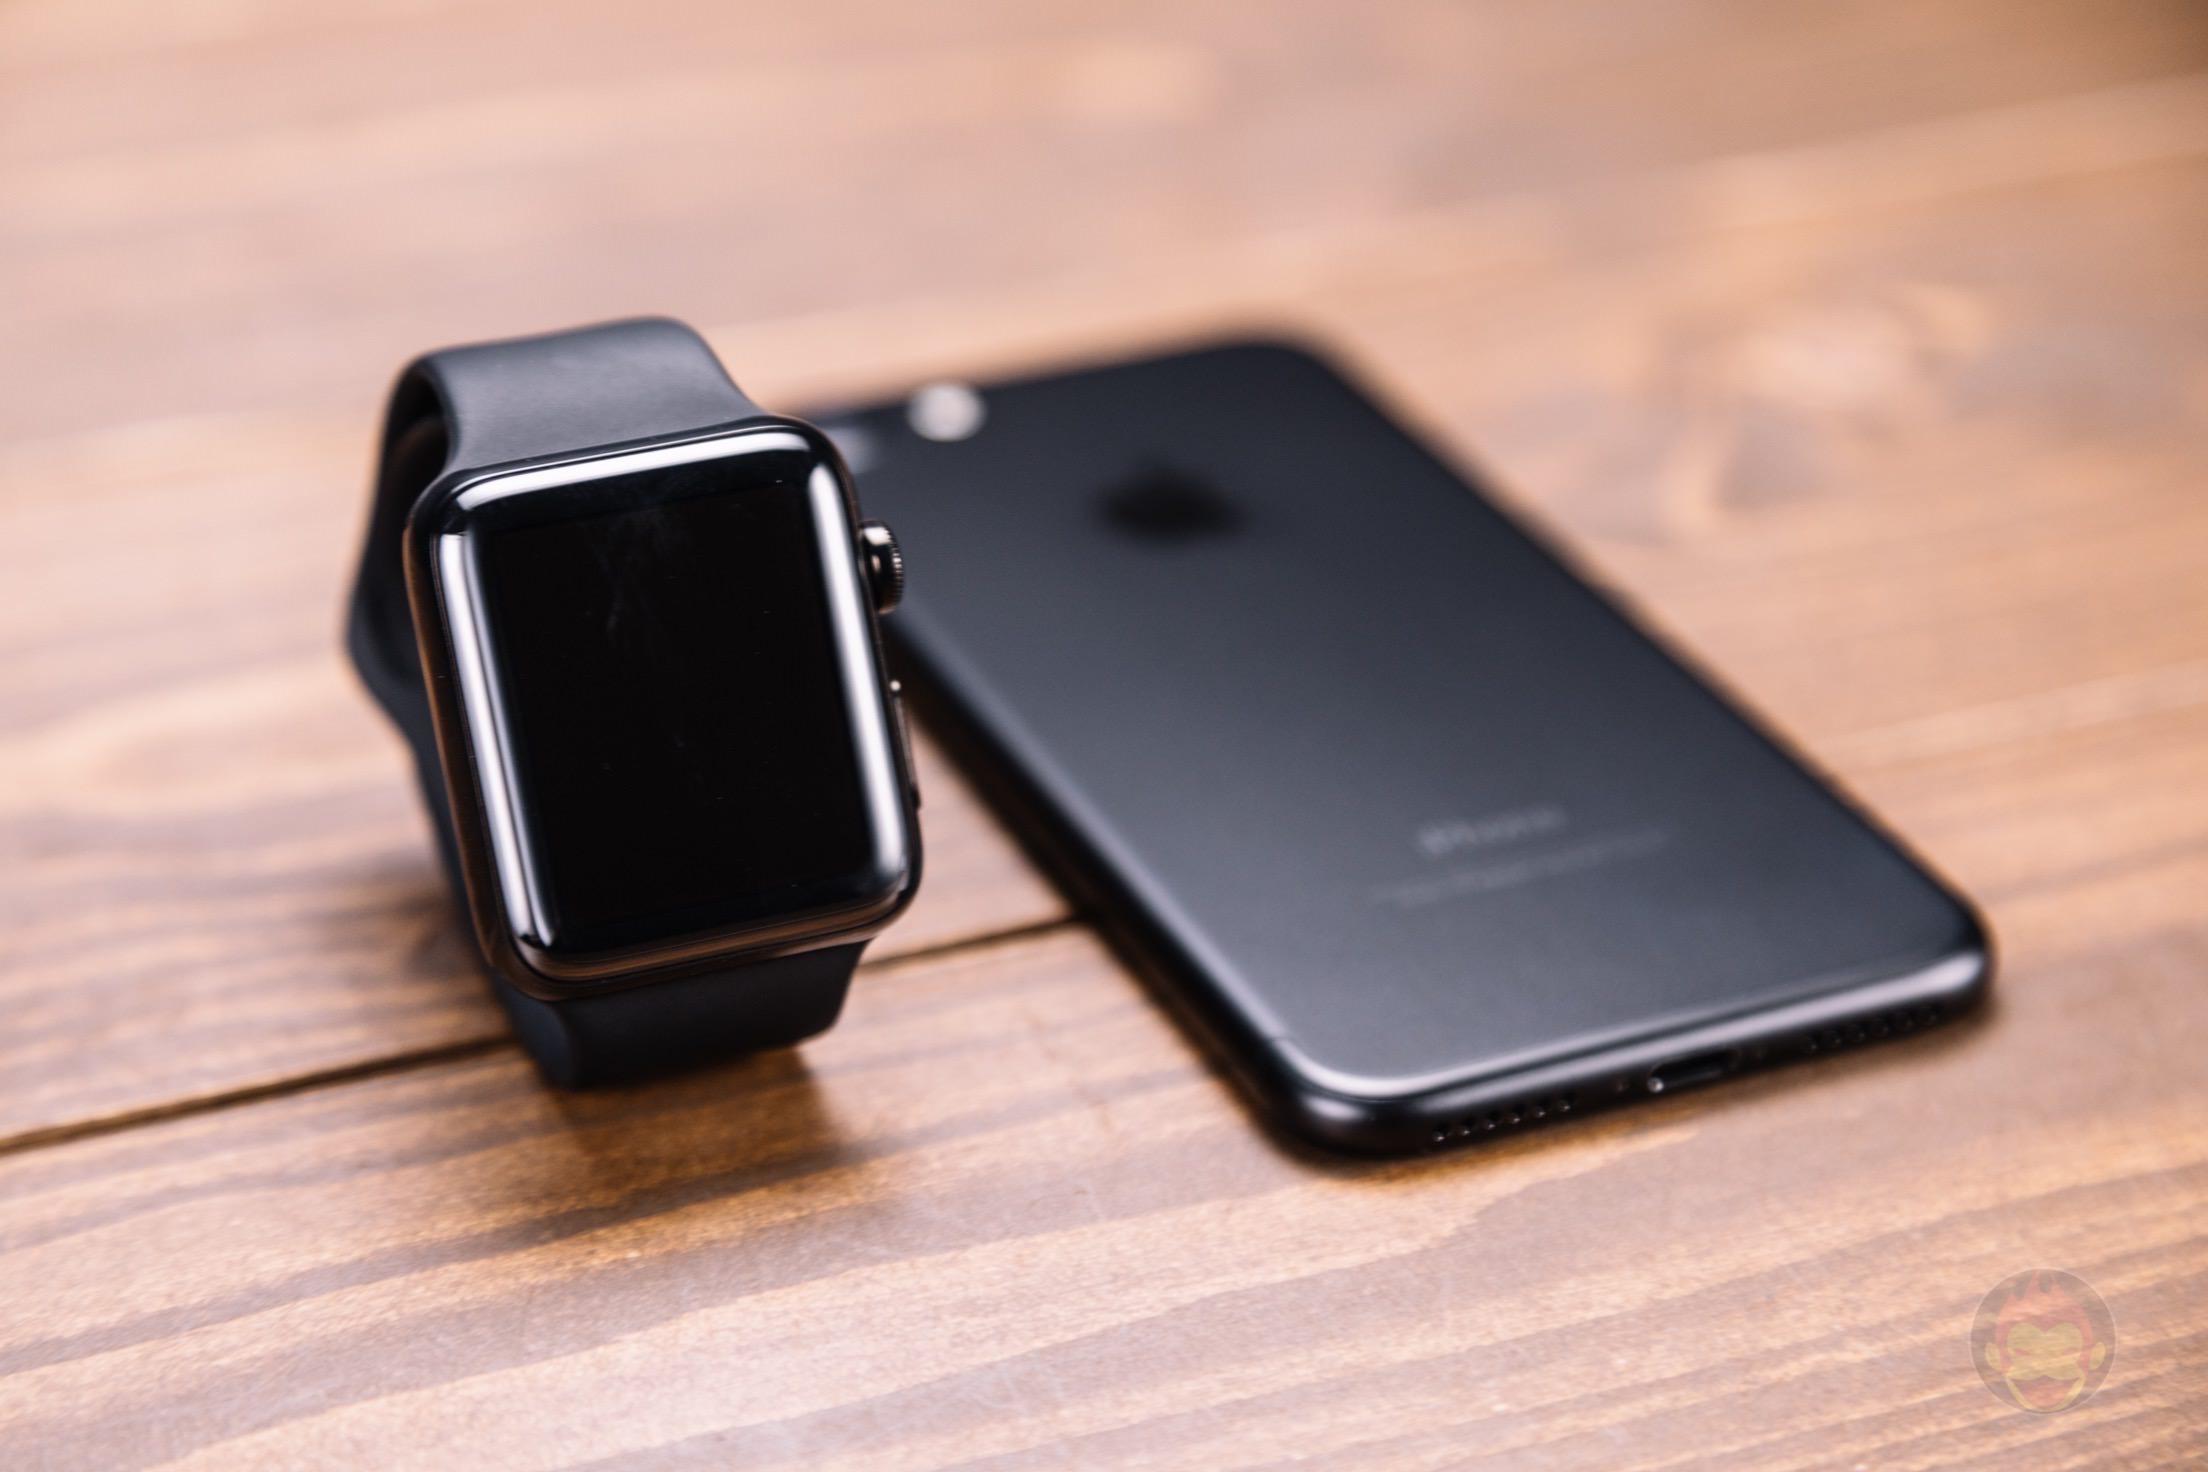 Apple-Watch-Series-2-Review-01.jpg